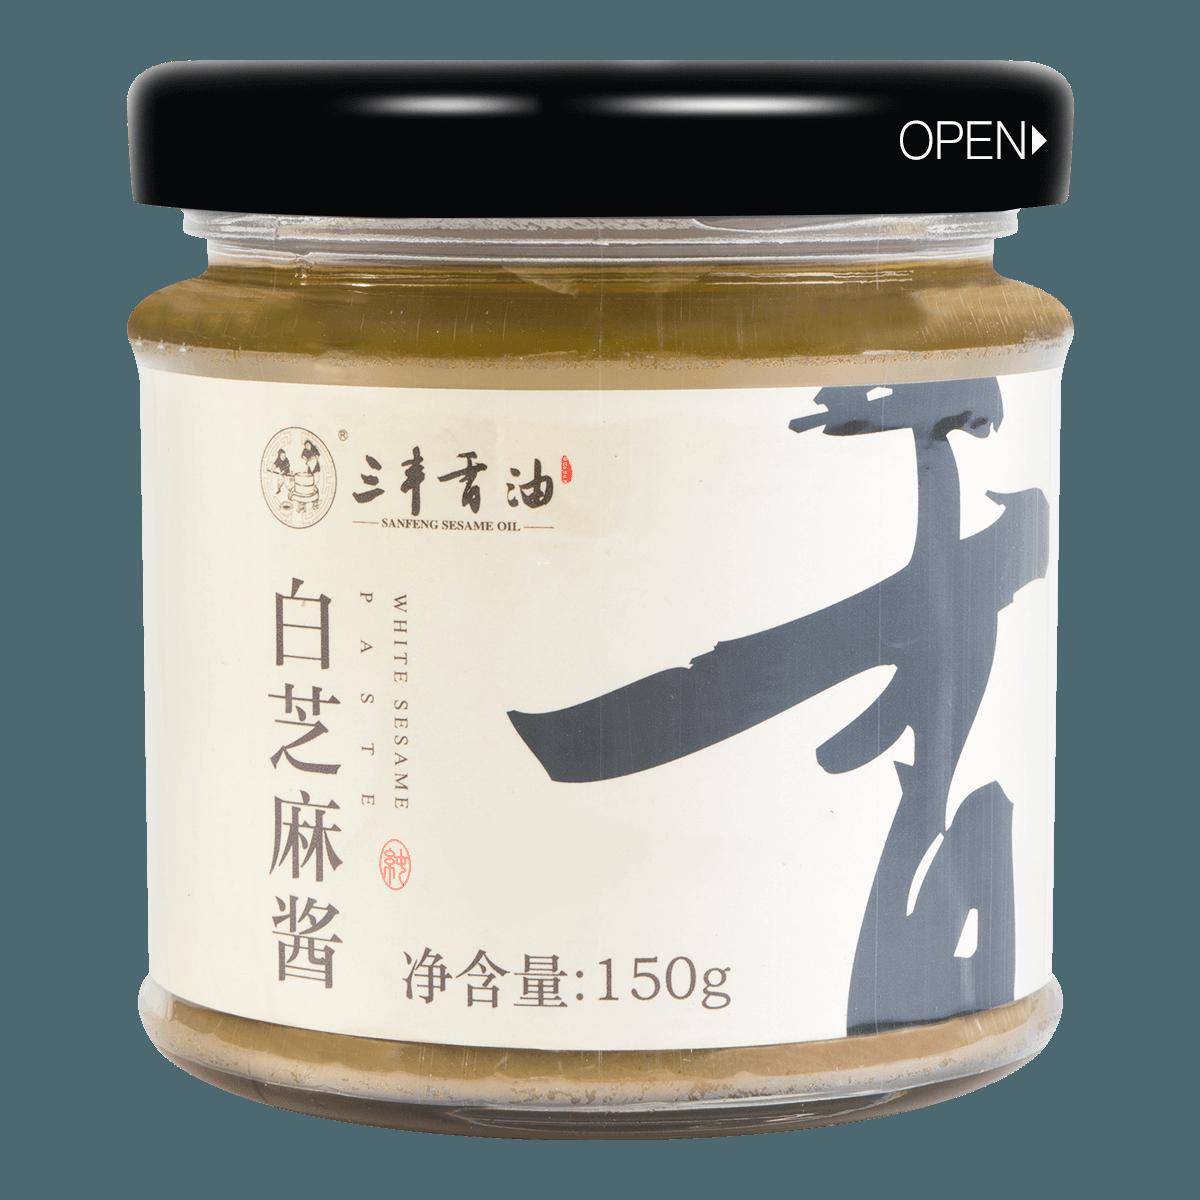 SANFENG SESAME OIL White Sesame Paste 150g